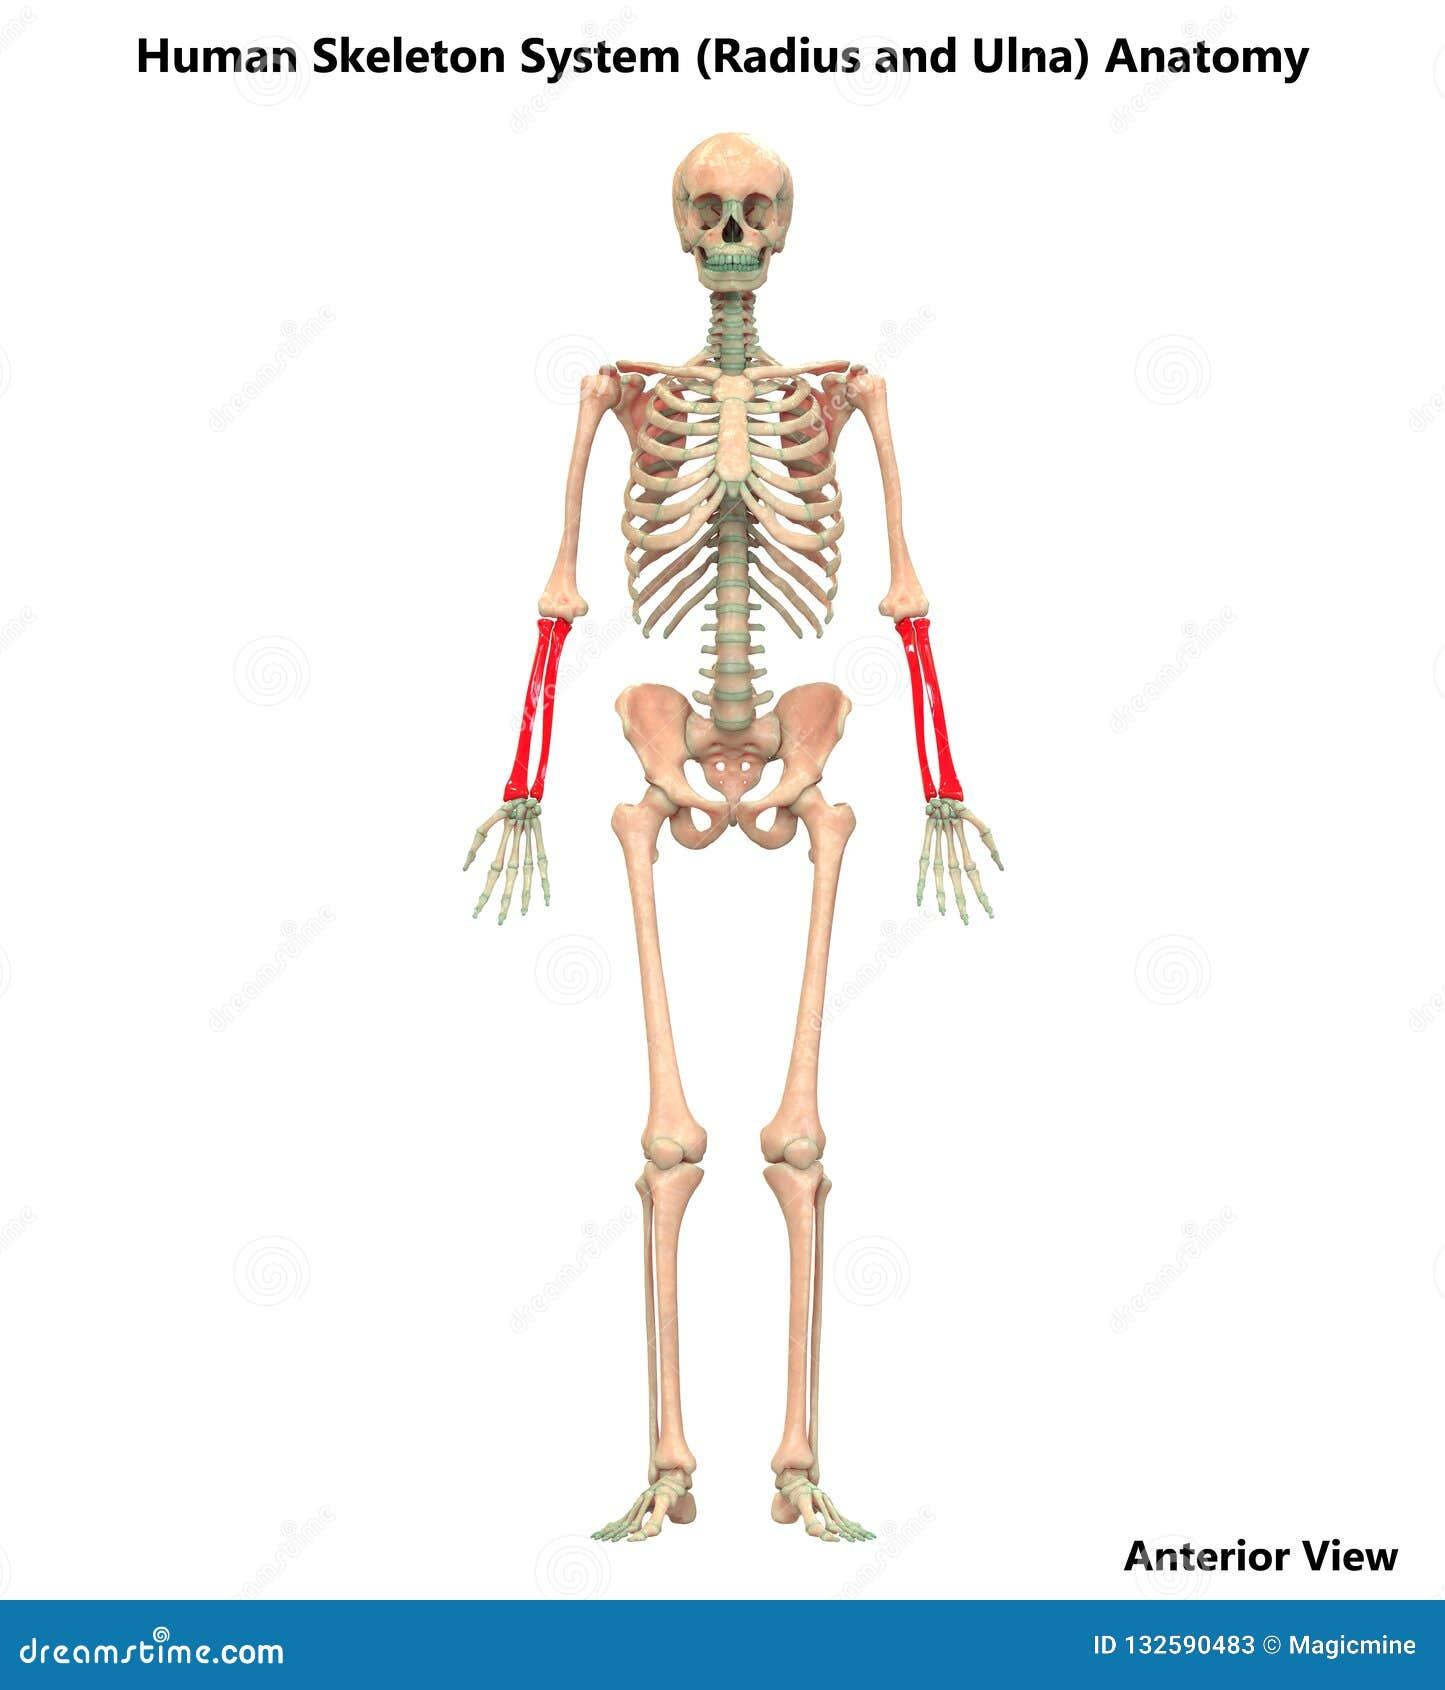 Человеческие радиус каркасной системы и анатомия Ulna